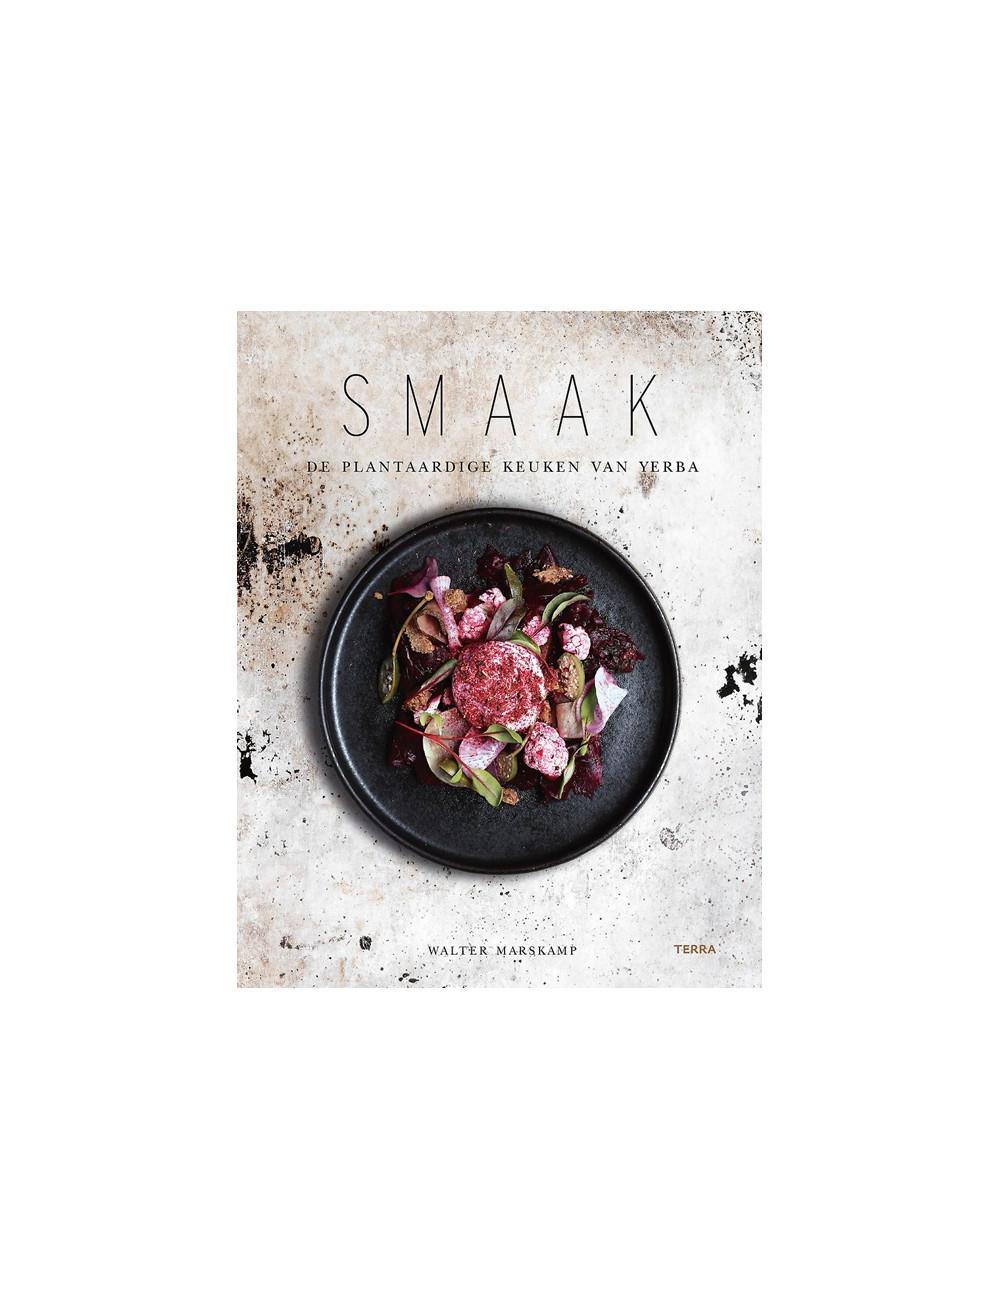 Boek | smaak, de plantaardige keuken van yerba